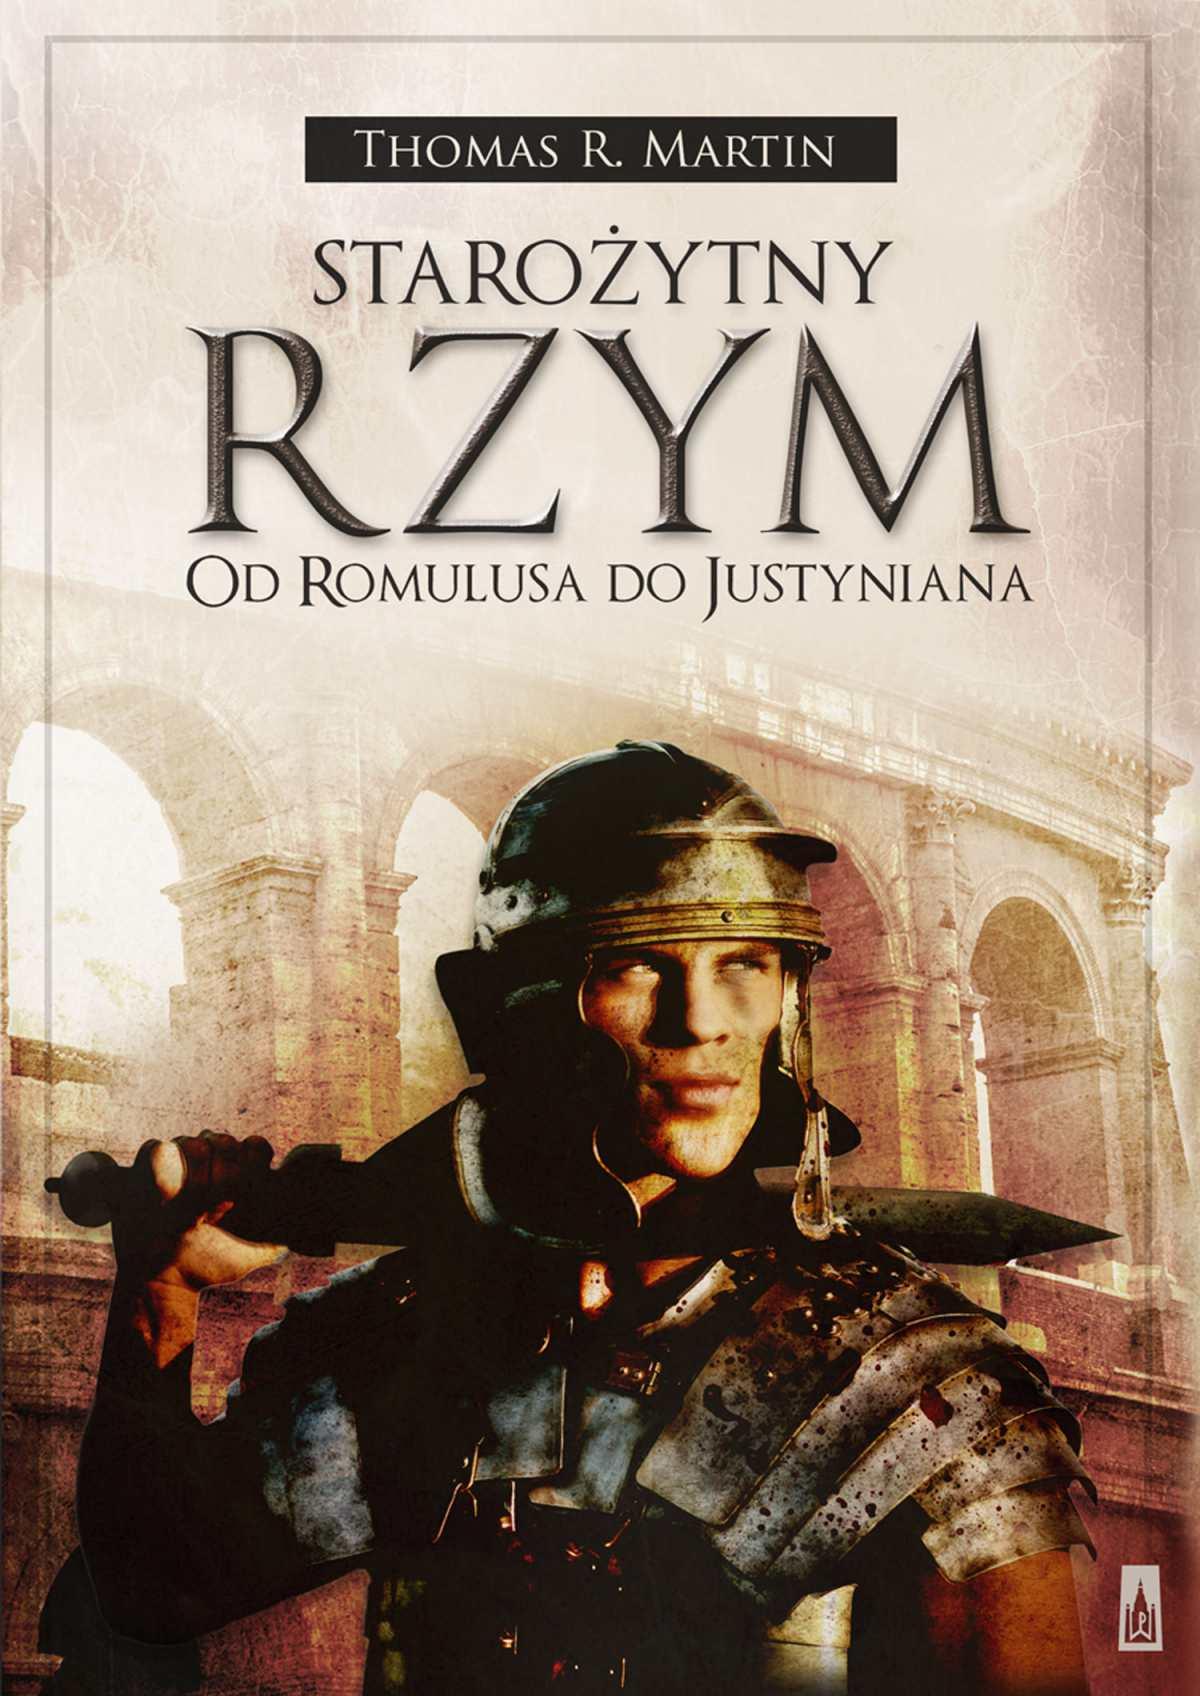 Starożytny Rzym. Od Romulusa do Justyniana - Ebook (Książka EPUB) do pobrania w formacie EPUB